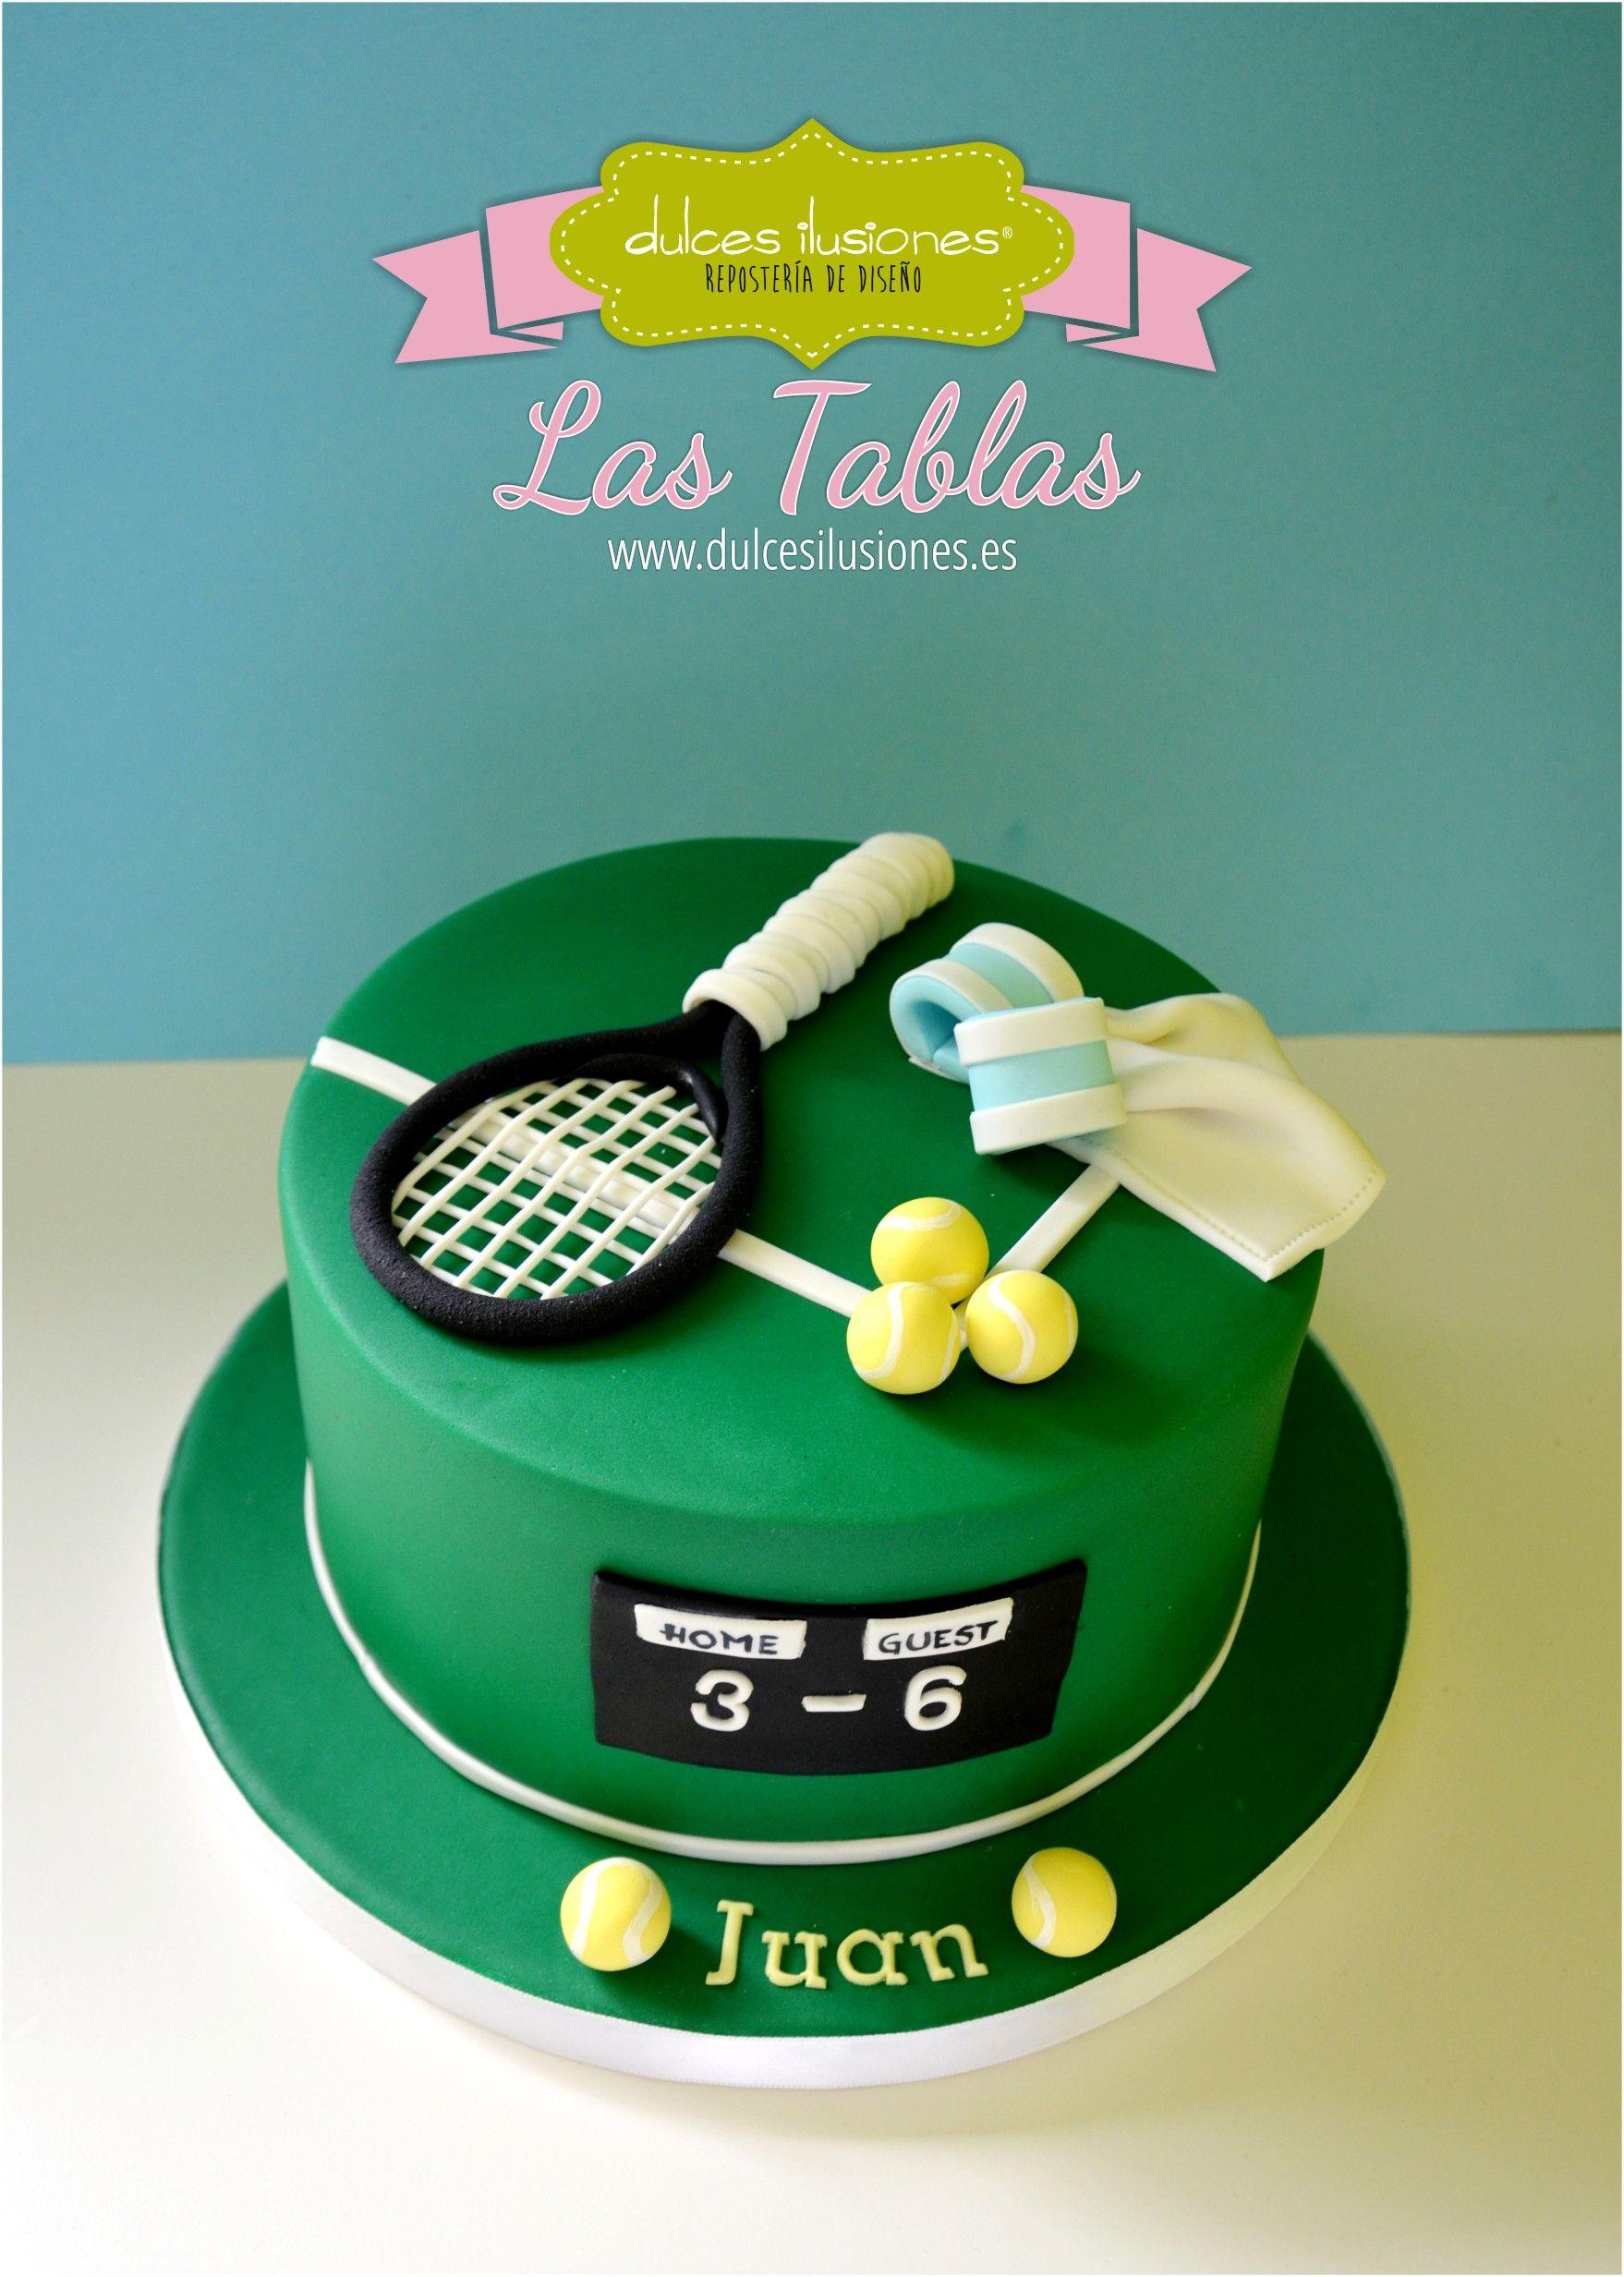 Tarta Tenis Dulces Ilusiones Las Tablas Cakes